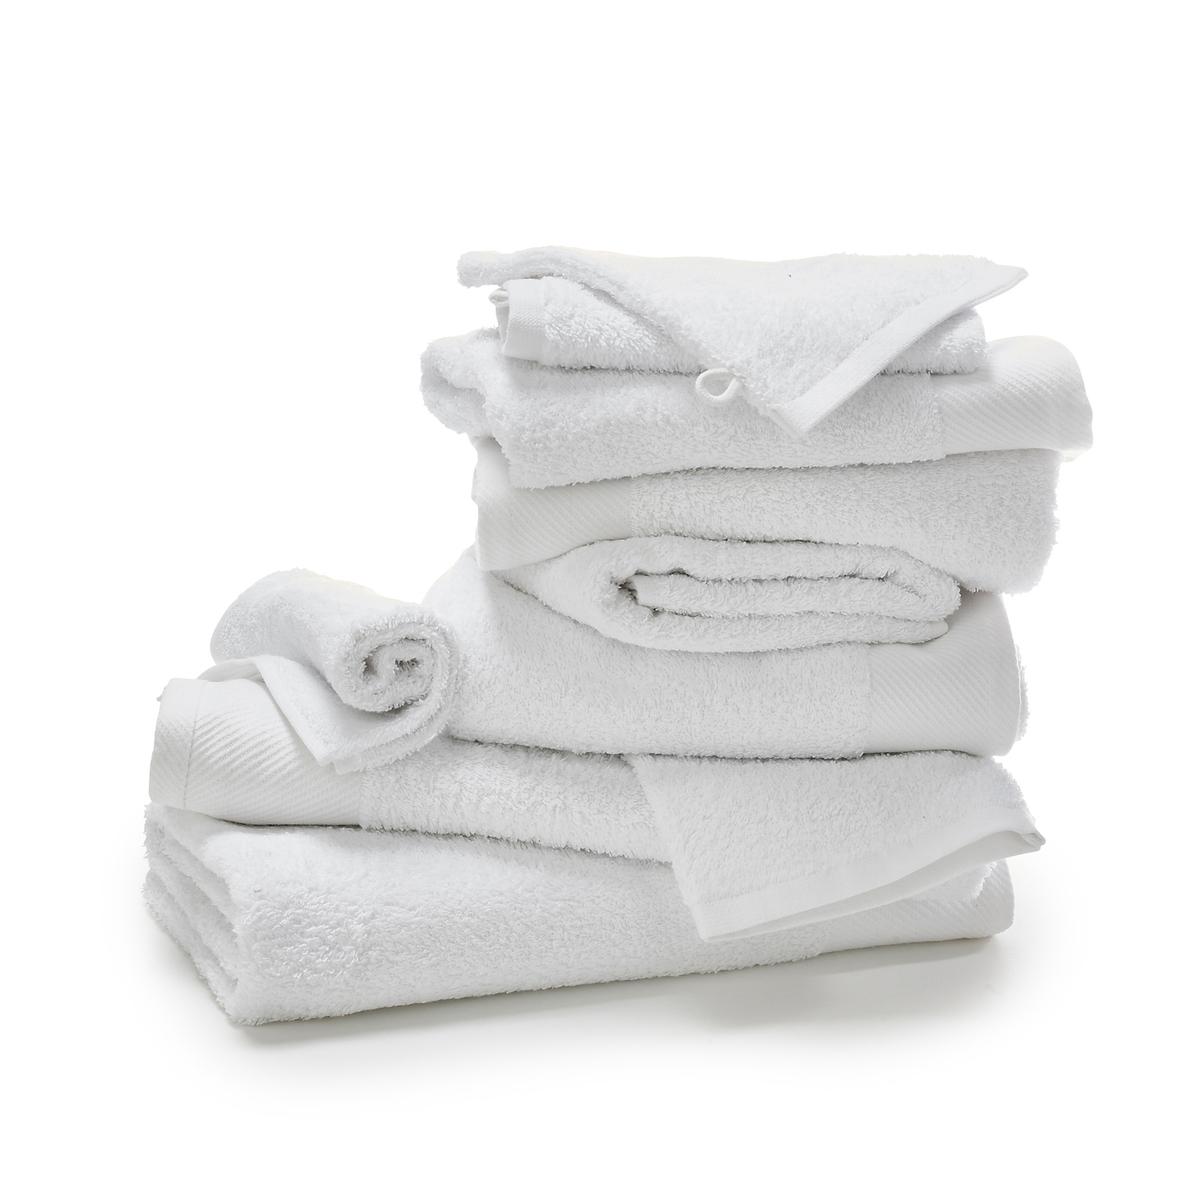 Комплект банный из 10 предметов из махровой тканиБанный комплект из 10 предметов из мягкой и плотной махровой ткани, 500 г, незаменим, если Вы хотите запастись полотенцами или обновить старые !Состав и детали банного комплекта из 10 предметов из махровой ткани: 2 банных полотенца + 4 полотенца + 2 гостевых полотенца + 2 банных рукавички   Материал:  100% хлопок 500 г/м2Drap de bain : разм 70 x 140 см Банное полотенце: разм 50 x 100 см Гостевое полотенце: разм 40 x 40 см Банная рукавичка: разм 15 x 21 см Уход:Машинная стирка при 60° с изделиями схожих цветов.Машинная сушка.<br><br>Цвет: белый